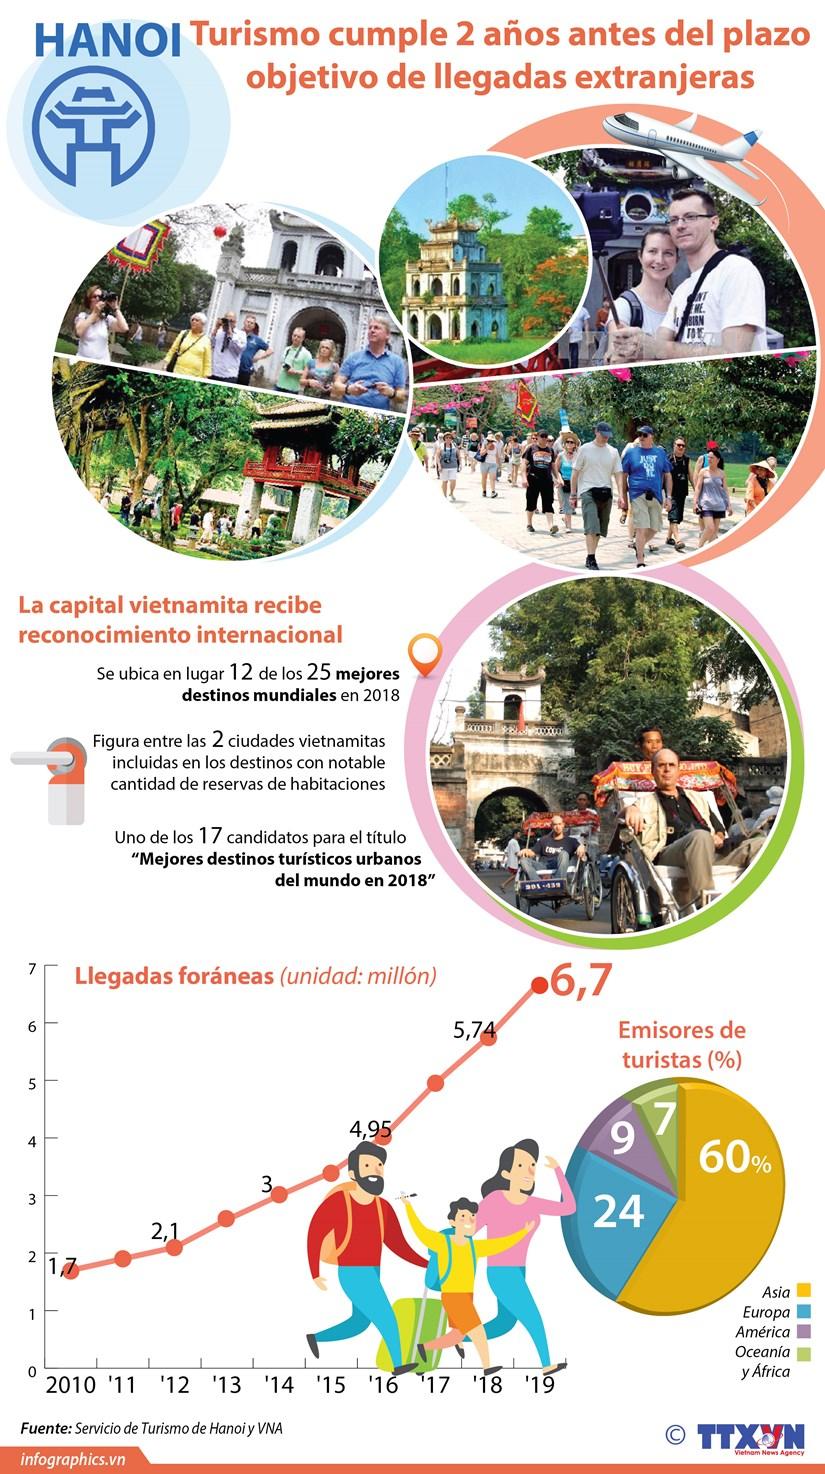 [Infografia] Turismo de Hanoi cumple dos anos antes del plazo objetivo sobre llegadas extranjeras hinh anh 1